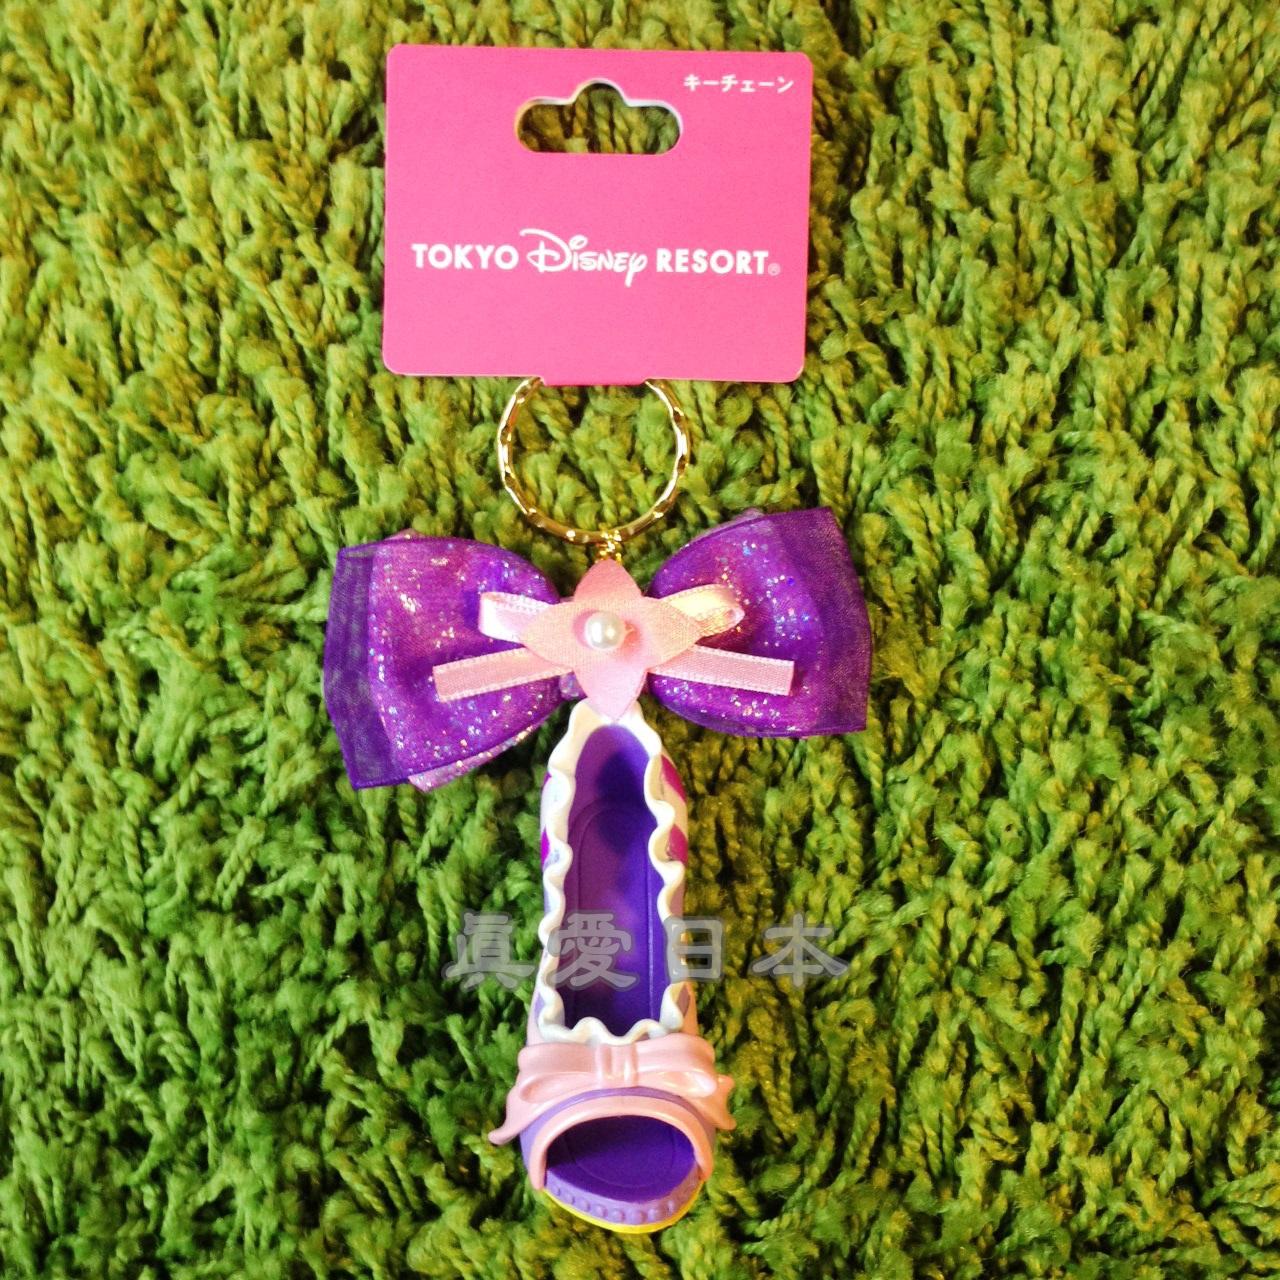 【真愛日本】16041800010樂園限定鎖圈高跟鞋-長髮公主 迪士尼 魔髮奇緣 Tangled  吊飾 飾品 鑰匙圈 正品 限量 預購